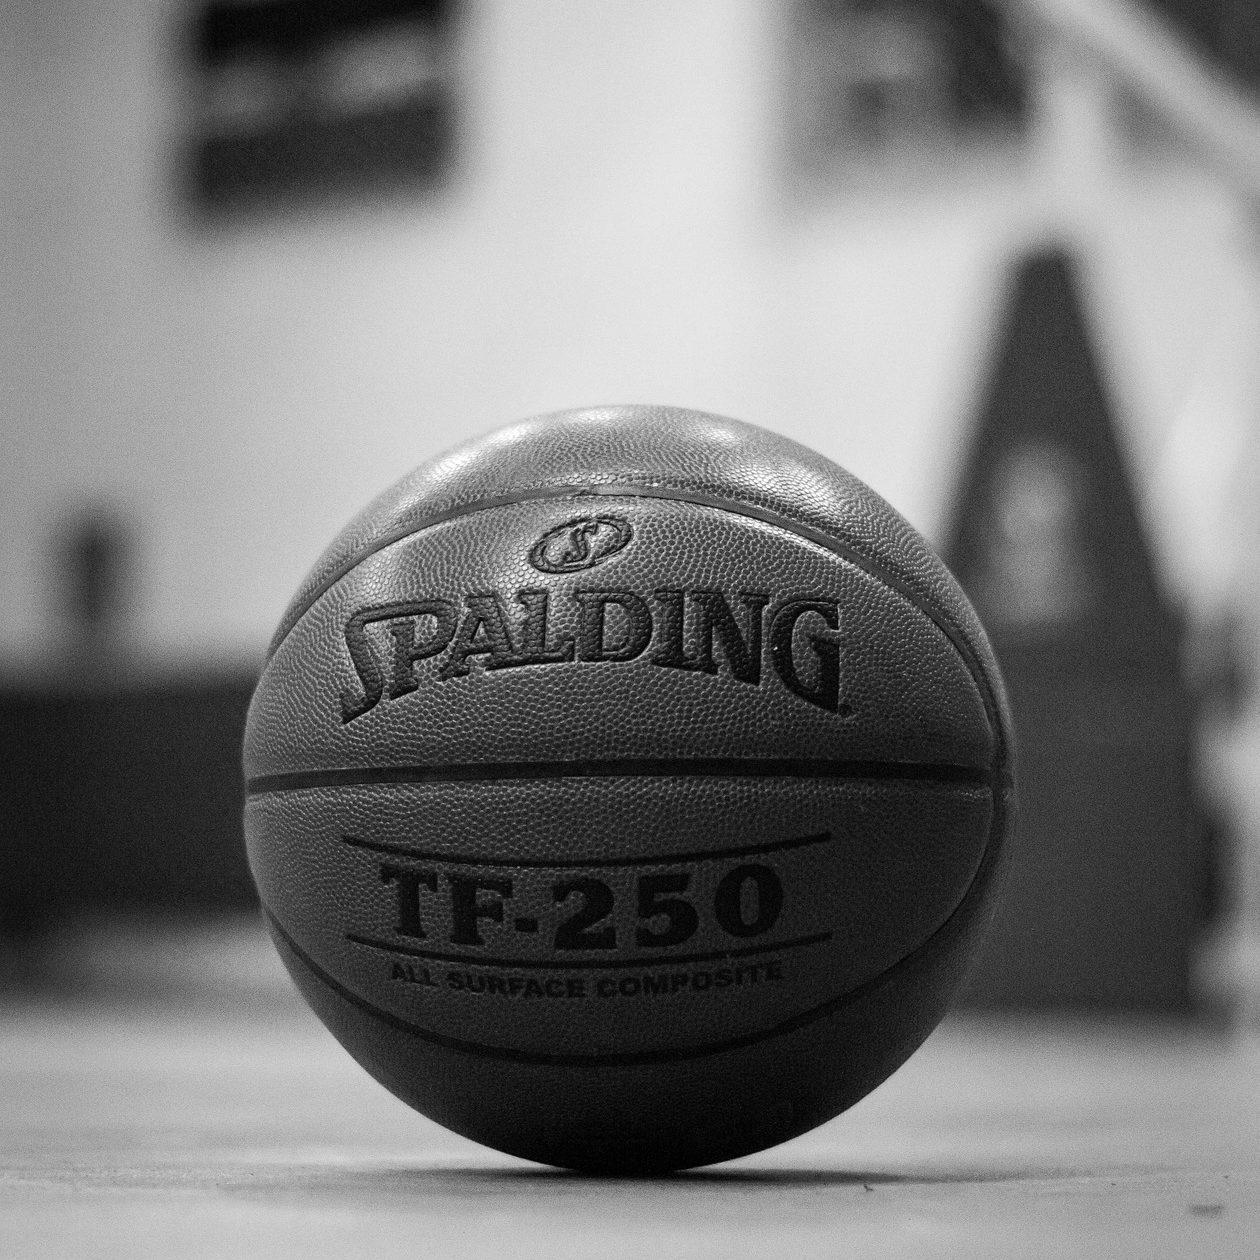 basket-ball-1343018_1920